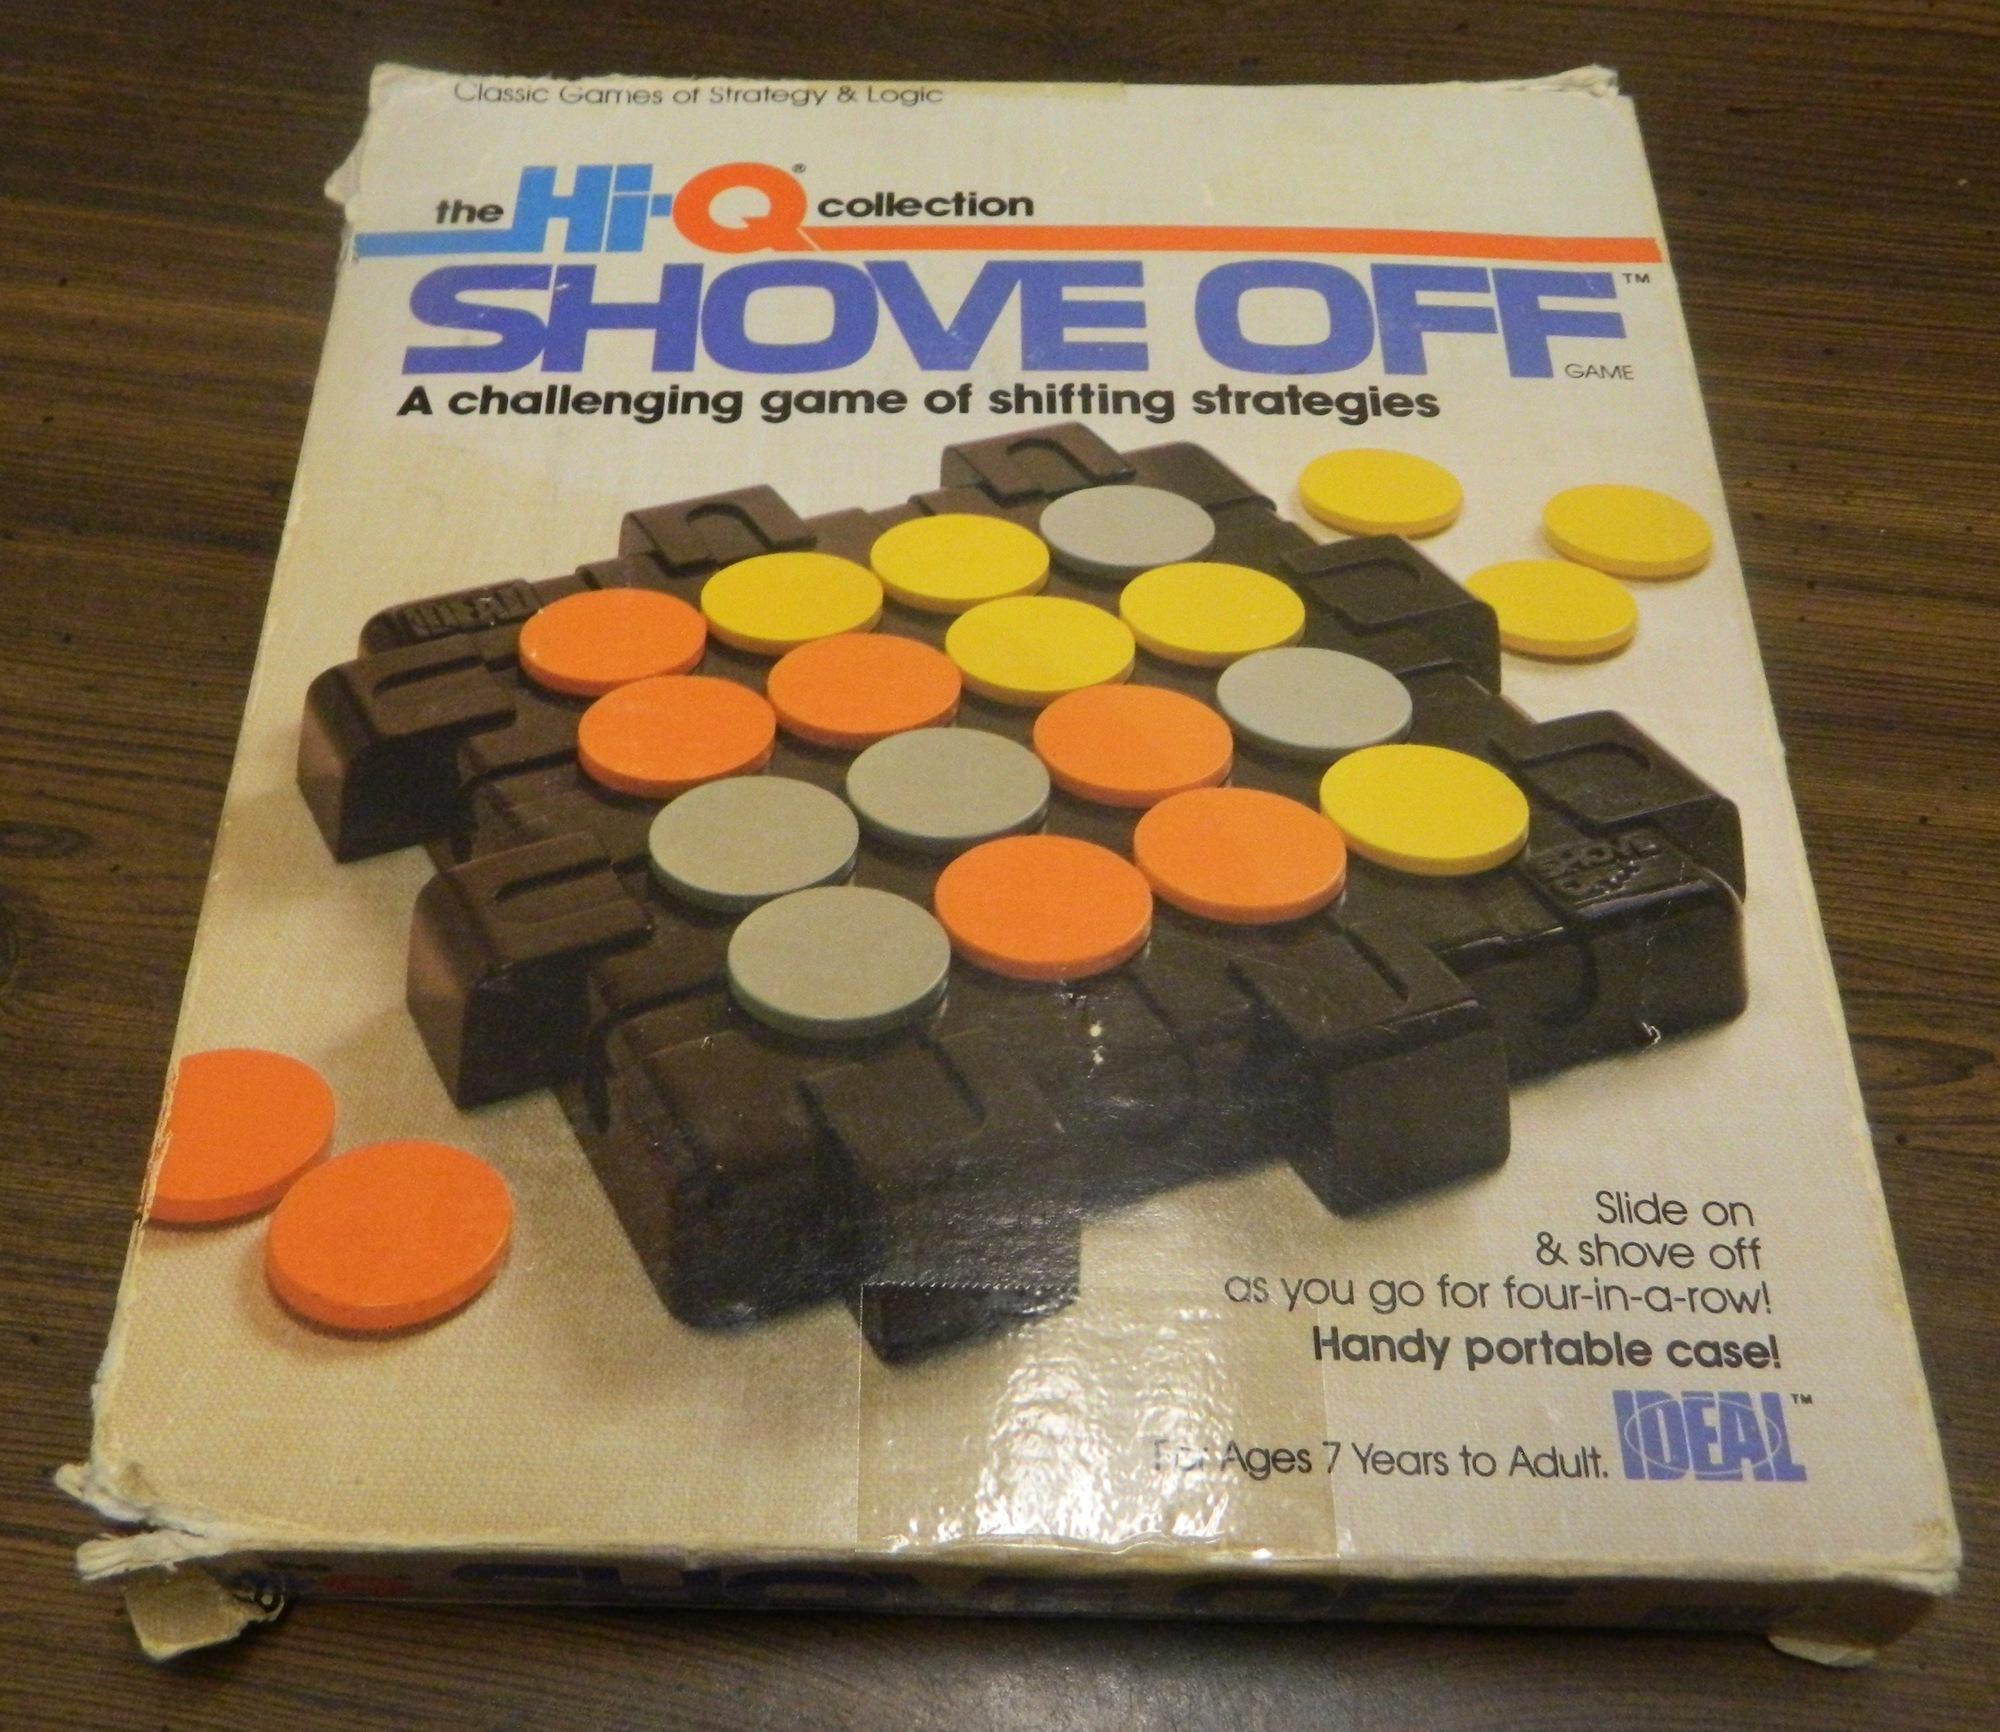 Box for Shove Off